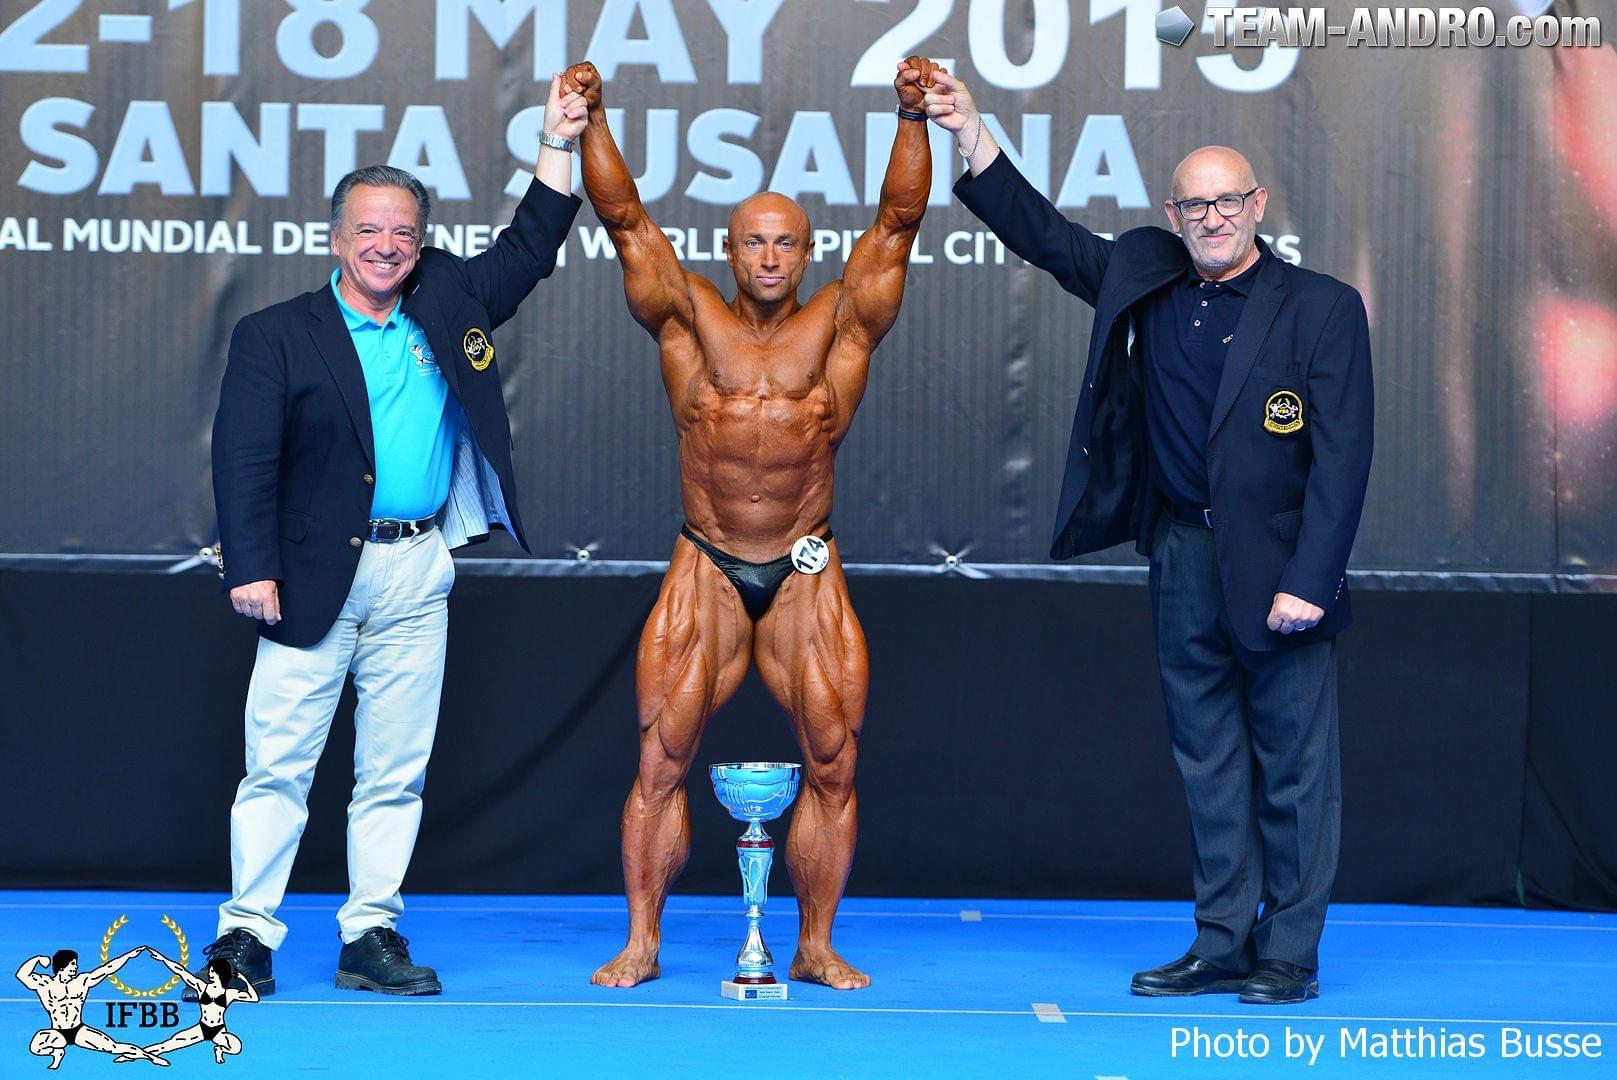 Абсолютный чемпион Европы по бодибилдингу среду мастеров - 2015 Сергей Поврезнюк